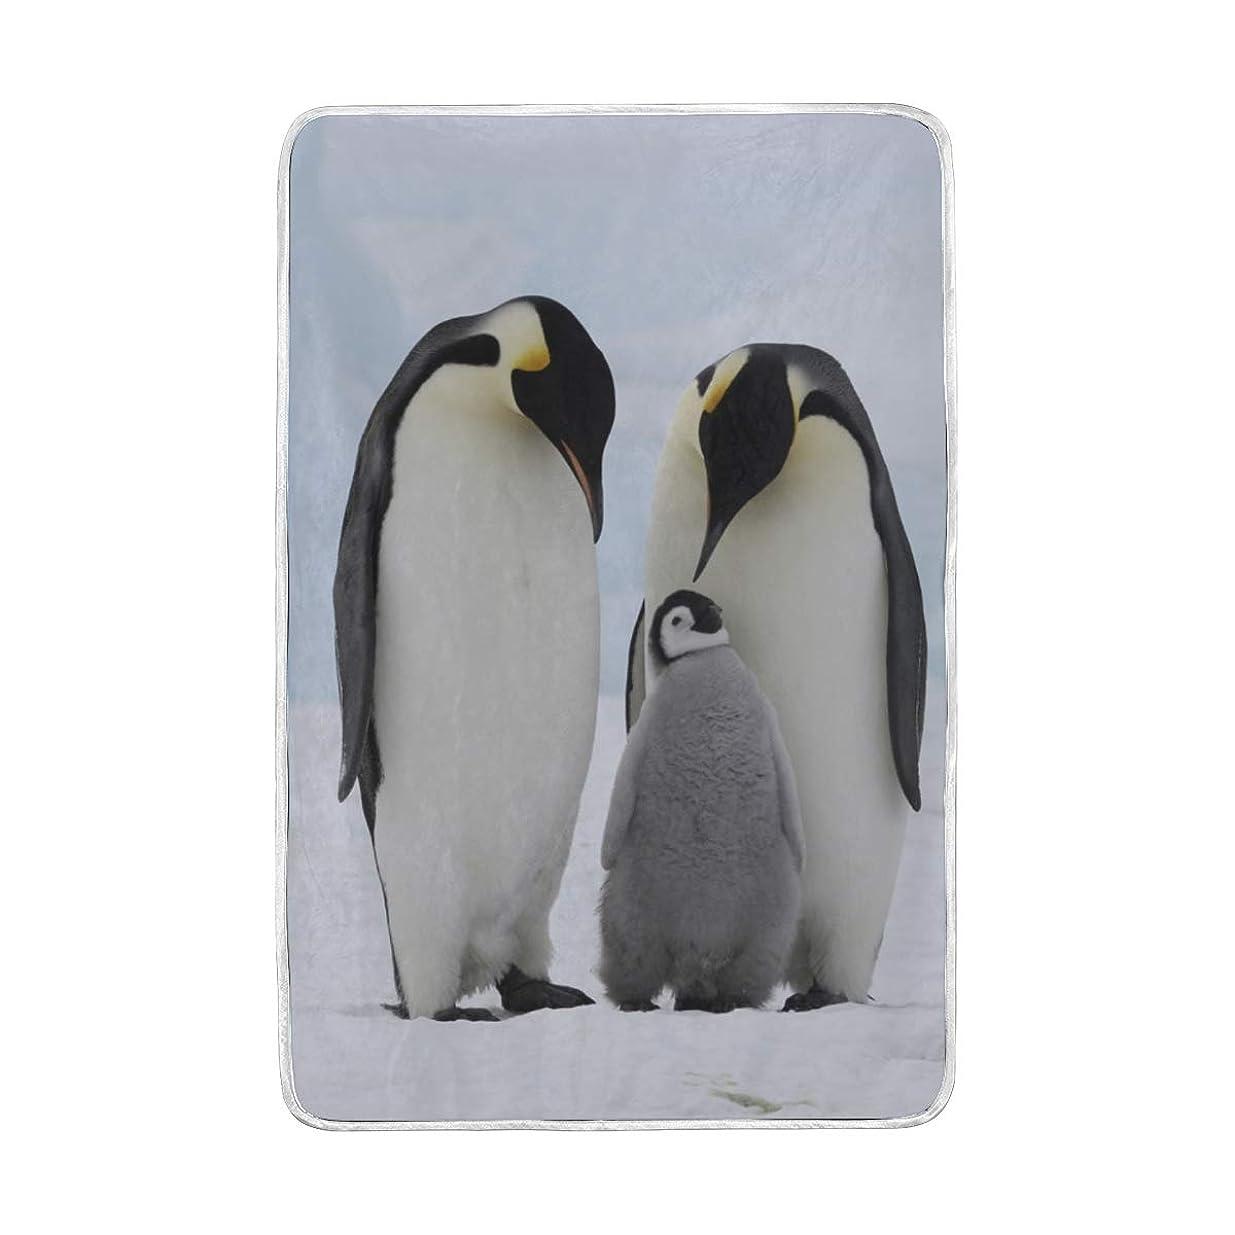 包帯ロバ送料毛布 ペンギン シングル ダブル 2枚合わせ 暖かい 軽い セミダブル 発熱 ブランケット 大判 マイクロファイバー 柔らか 保温 洗える 150x230